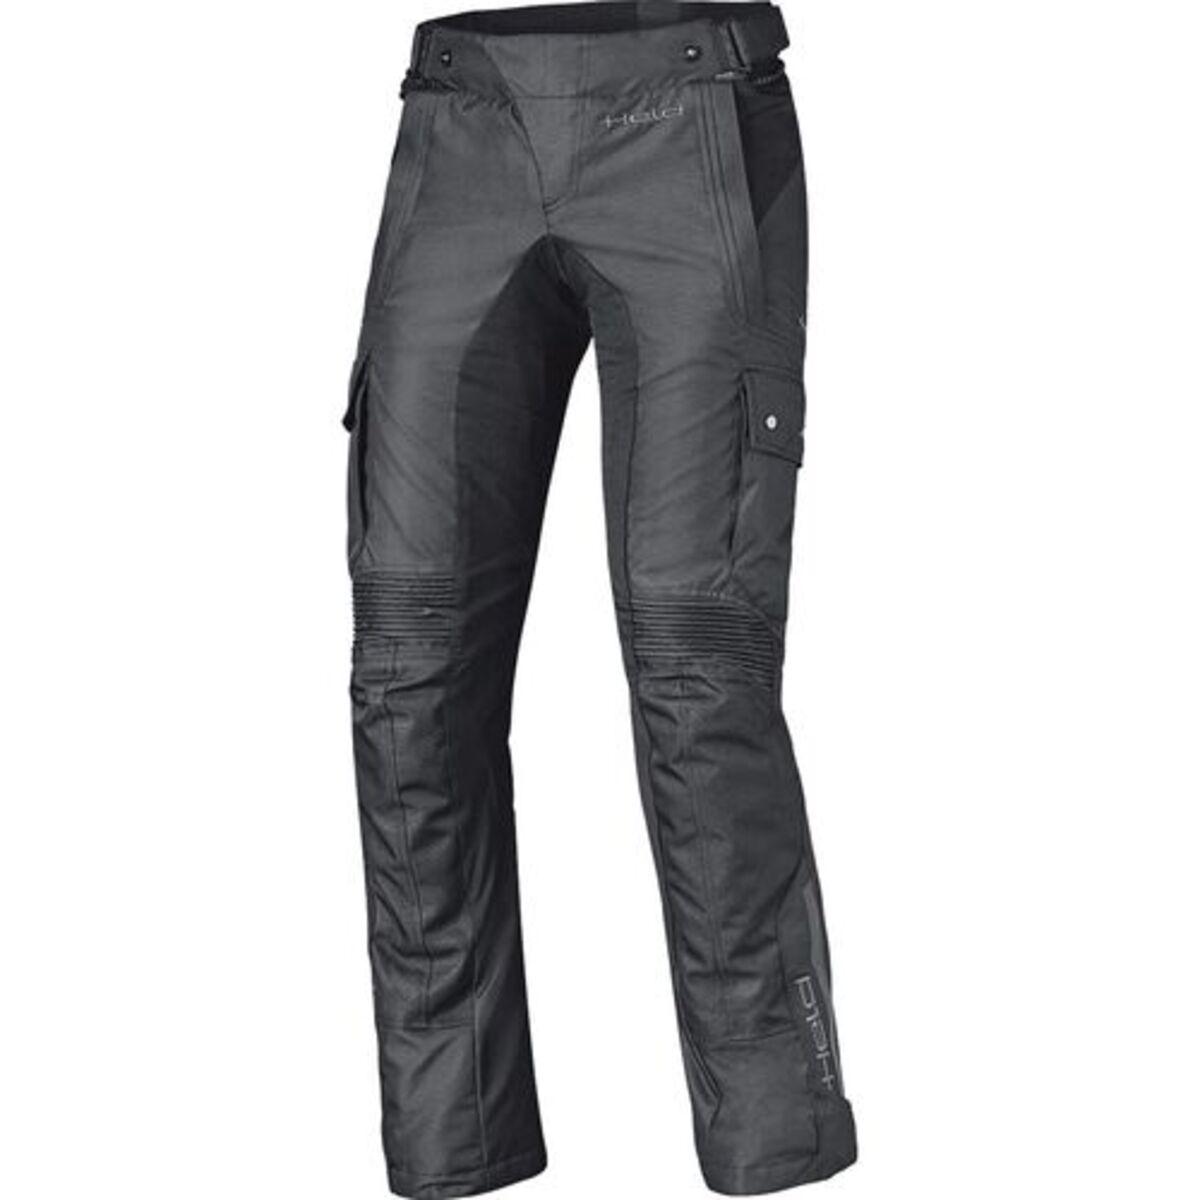 Bild 1 von Held            Bene Textilhose GTX schwarz